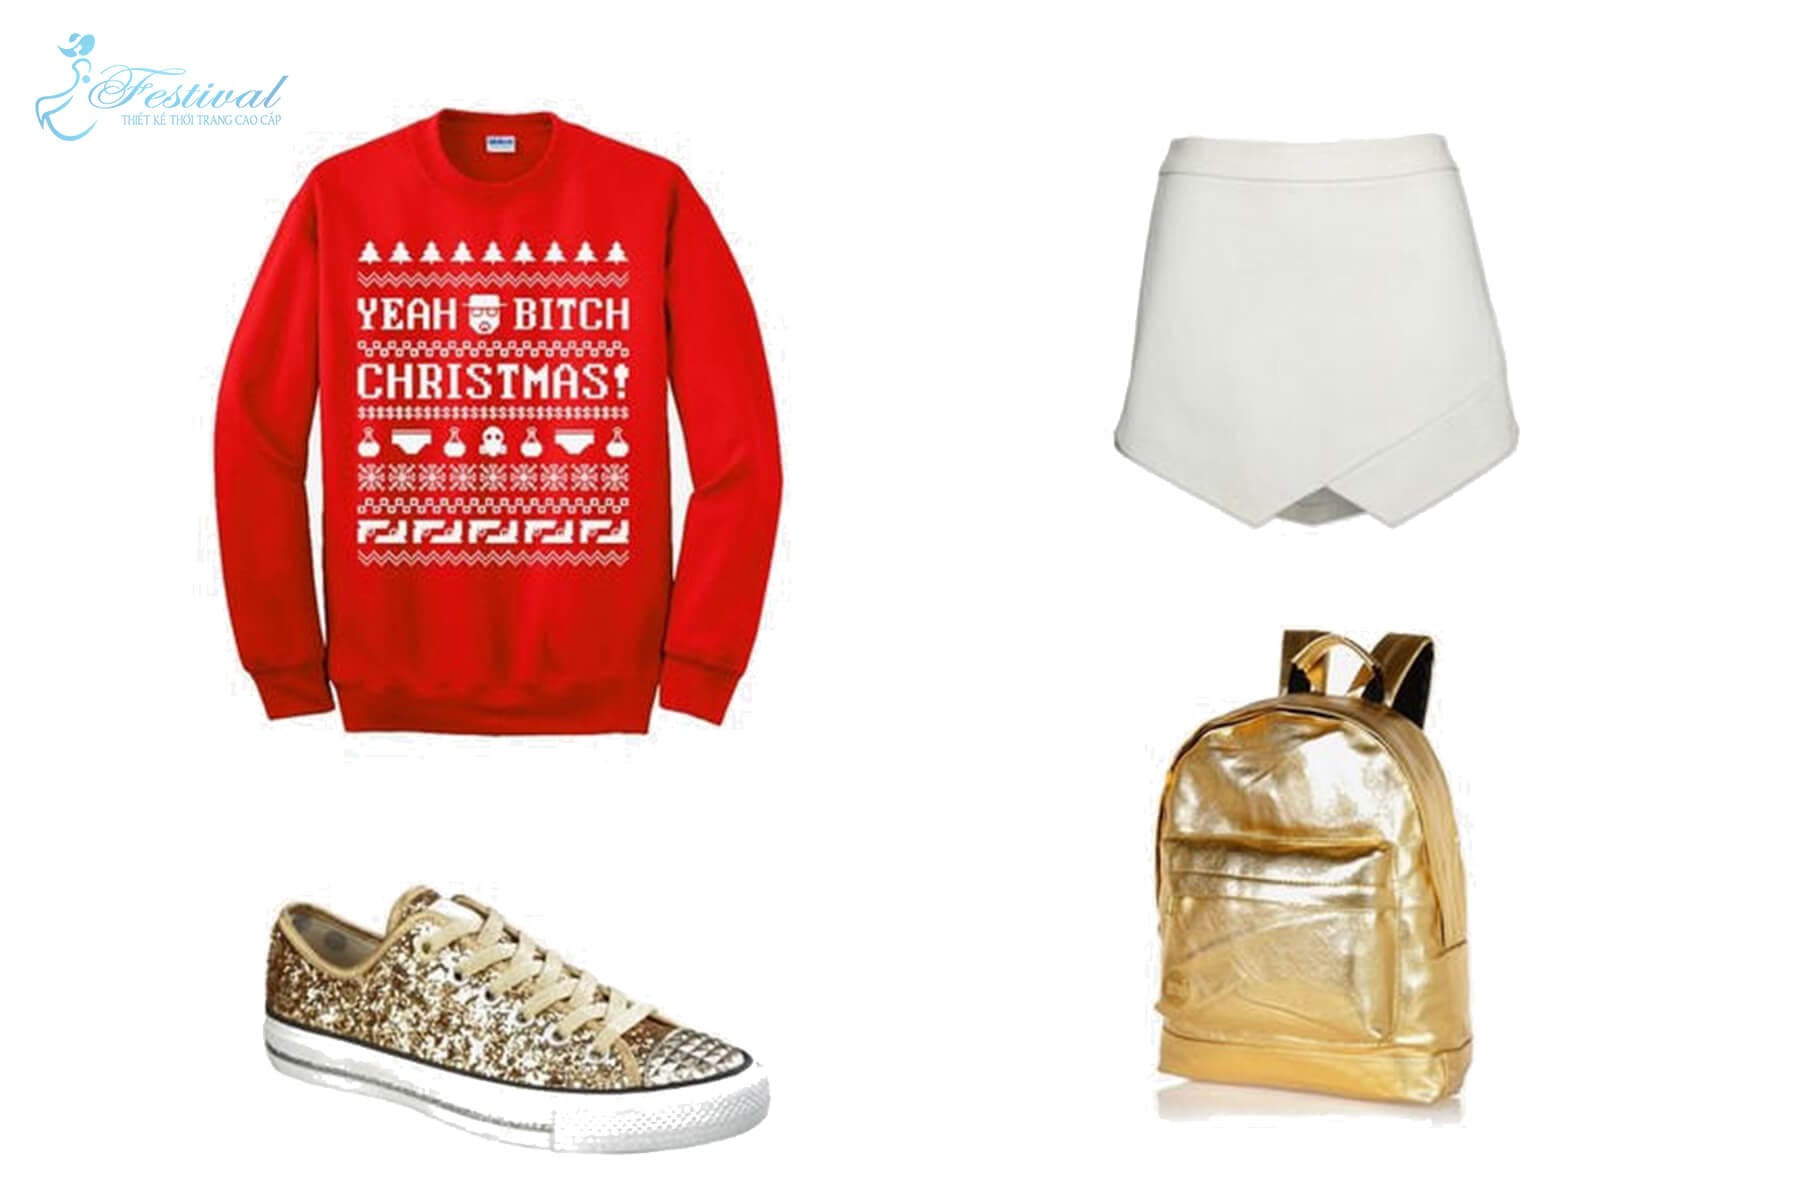 Áo len thun tone đỏ kèm họa tiết giáng sinh cho hợp mùa kết hợp với skort + giày sneaker lấp lánh + ba lô tone vàng bắt mắt. Mặc đẹp mùa noel - Mẹo mix đồ đi chơi giáng sinh cực xinh - Ảnh 3